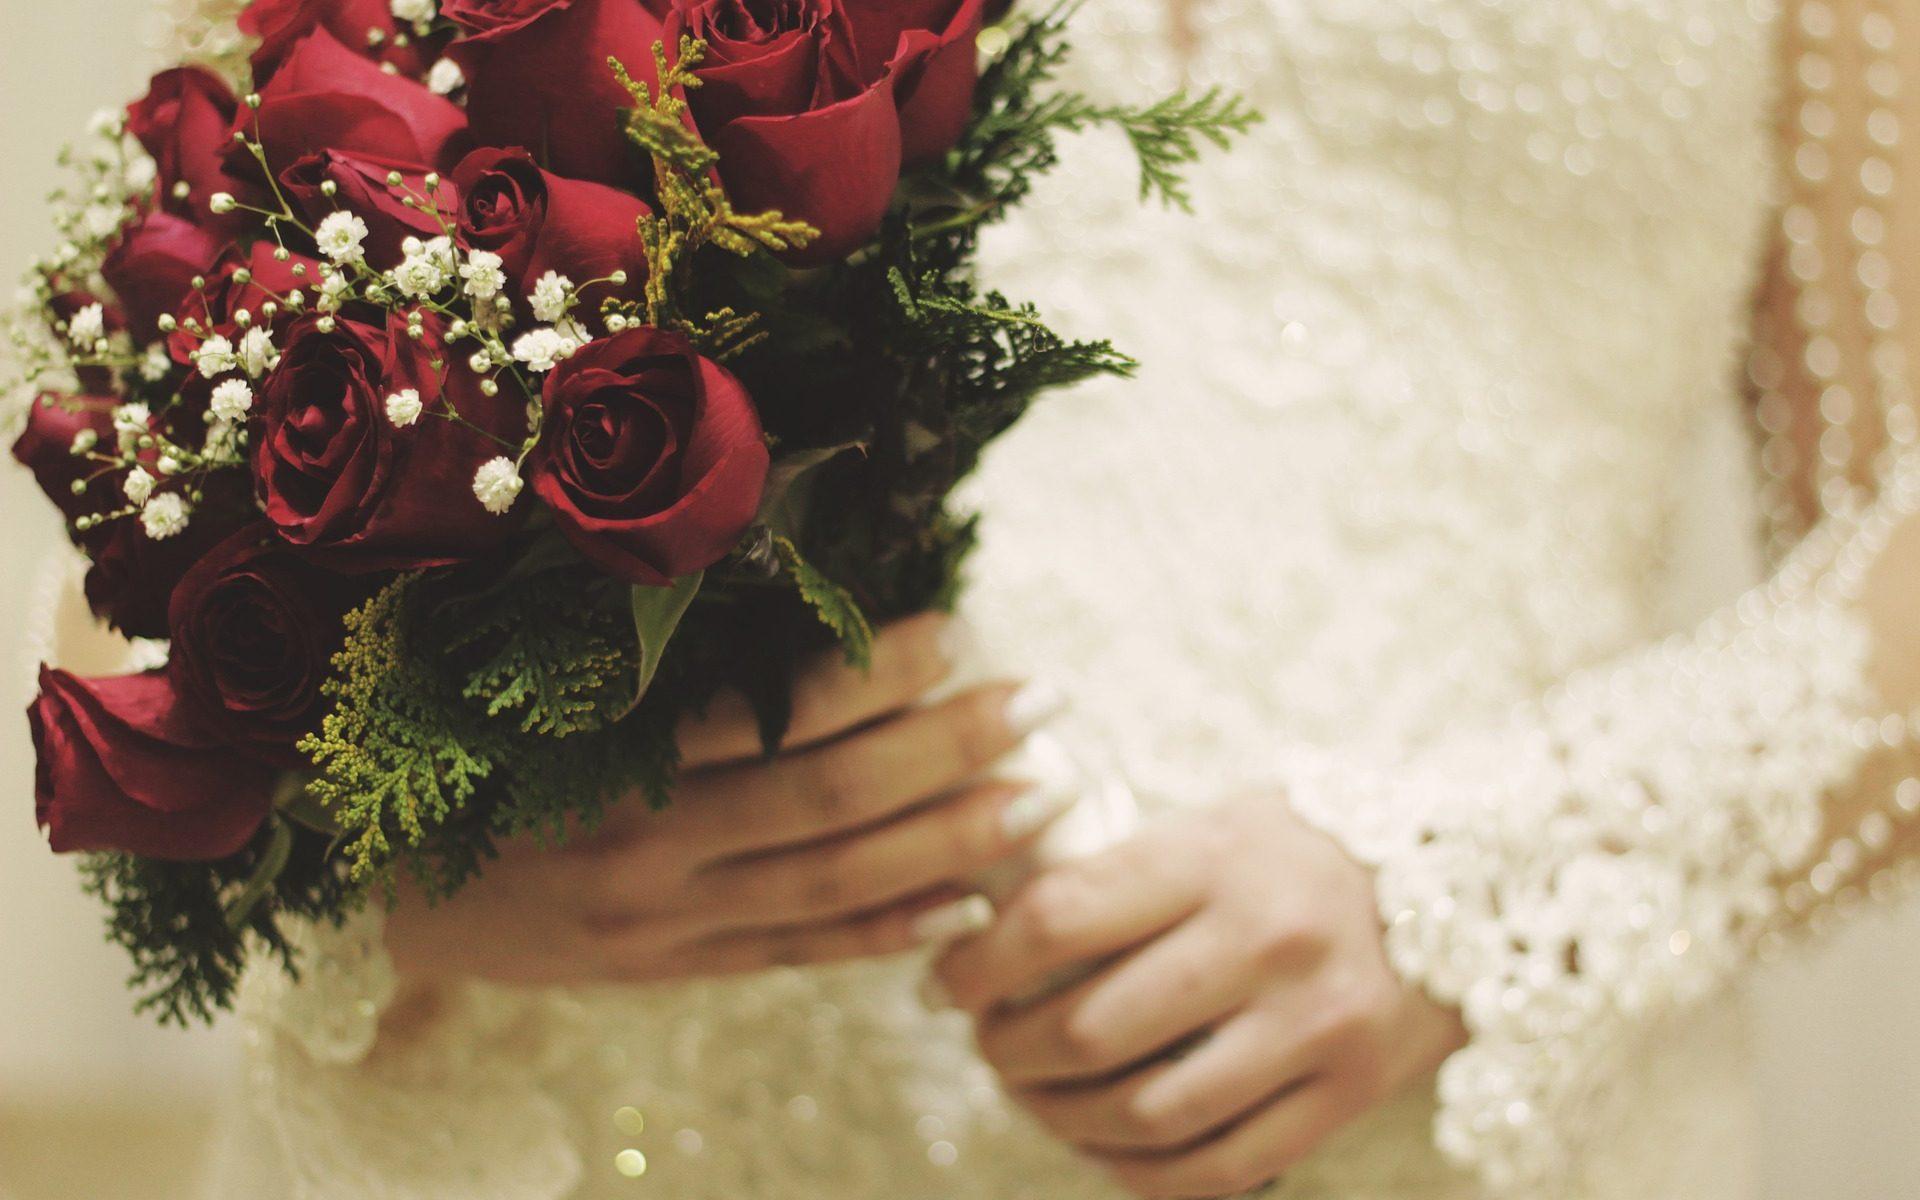 【無料あり】結婚占い|『Doctor-X』の中園ミホがあなたの婚期をズバリ占う